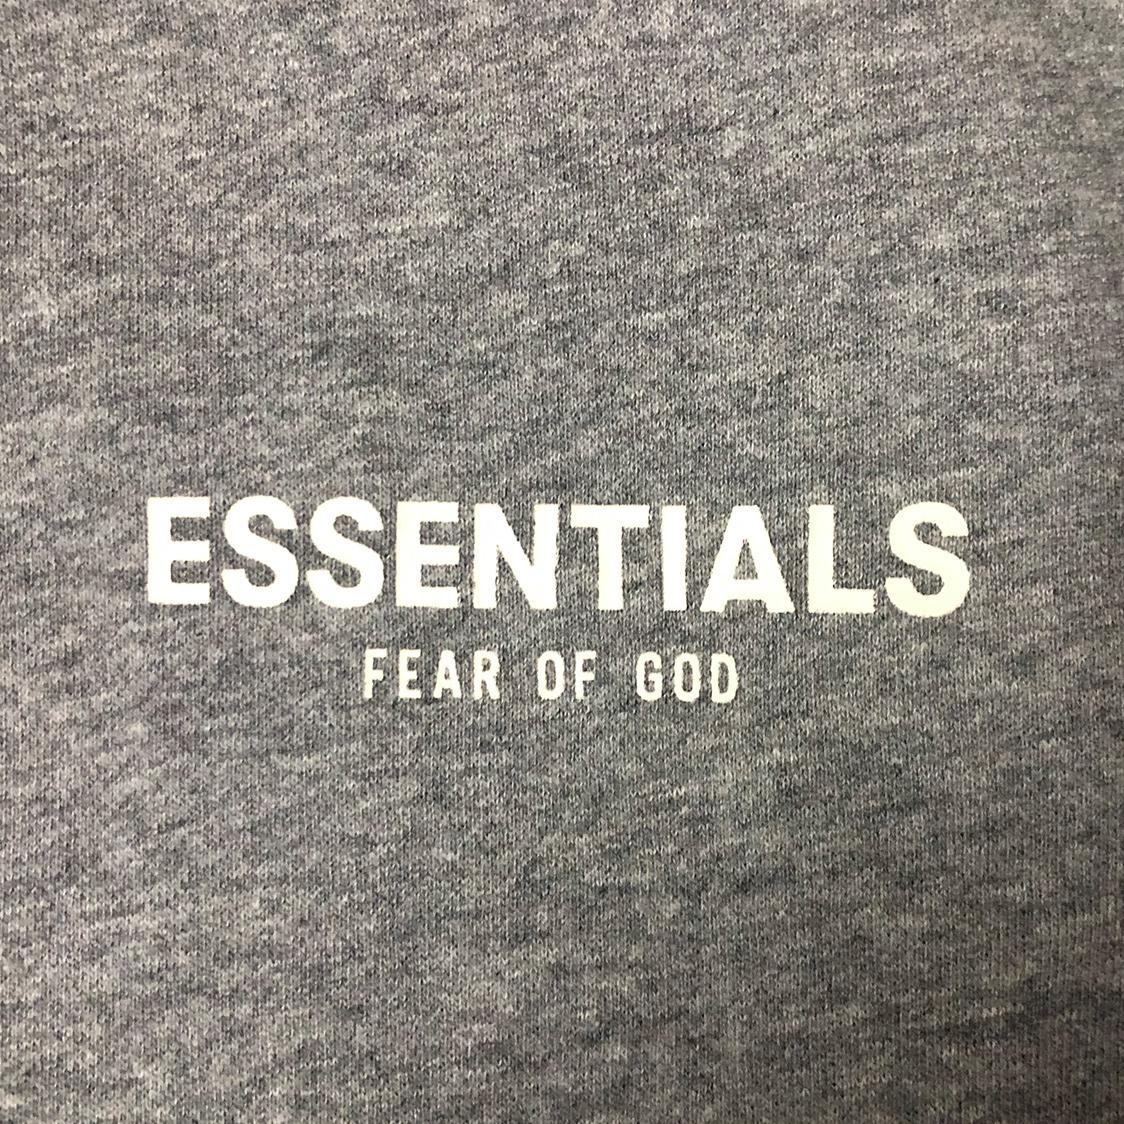 正規品 FOG ESSENTIALS フォグ エッセンシャルズ【Mサイズ】 スウェット グレー fear of god エフオージー